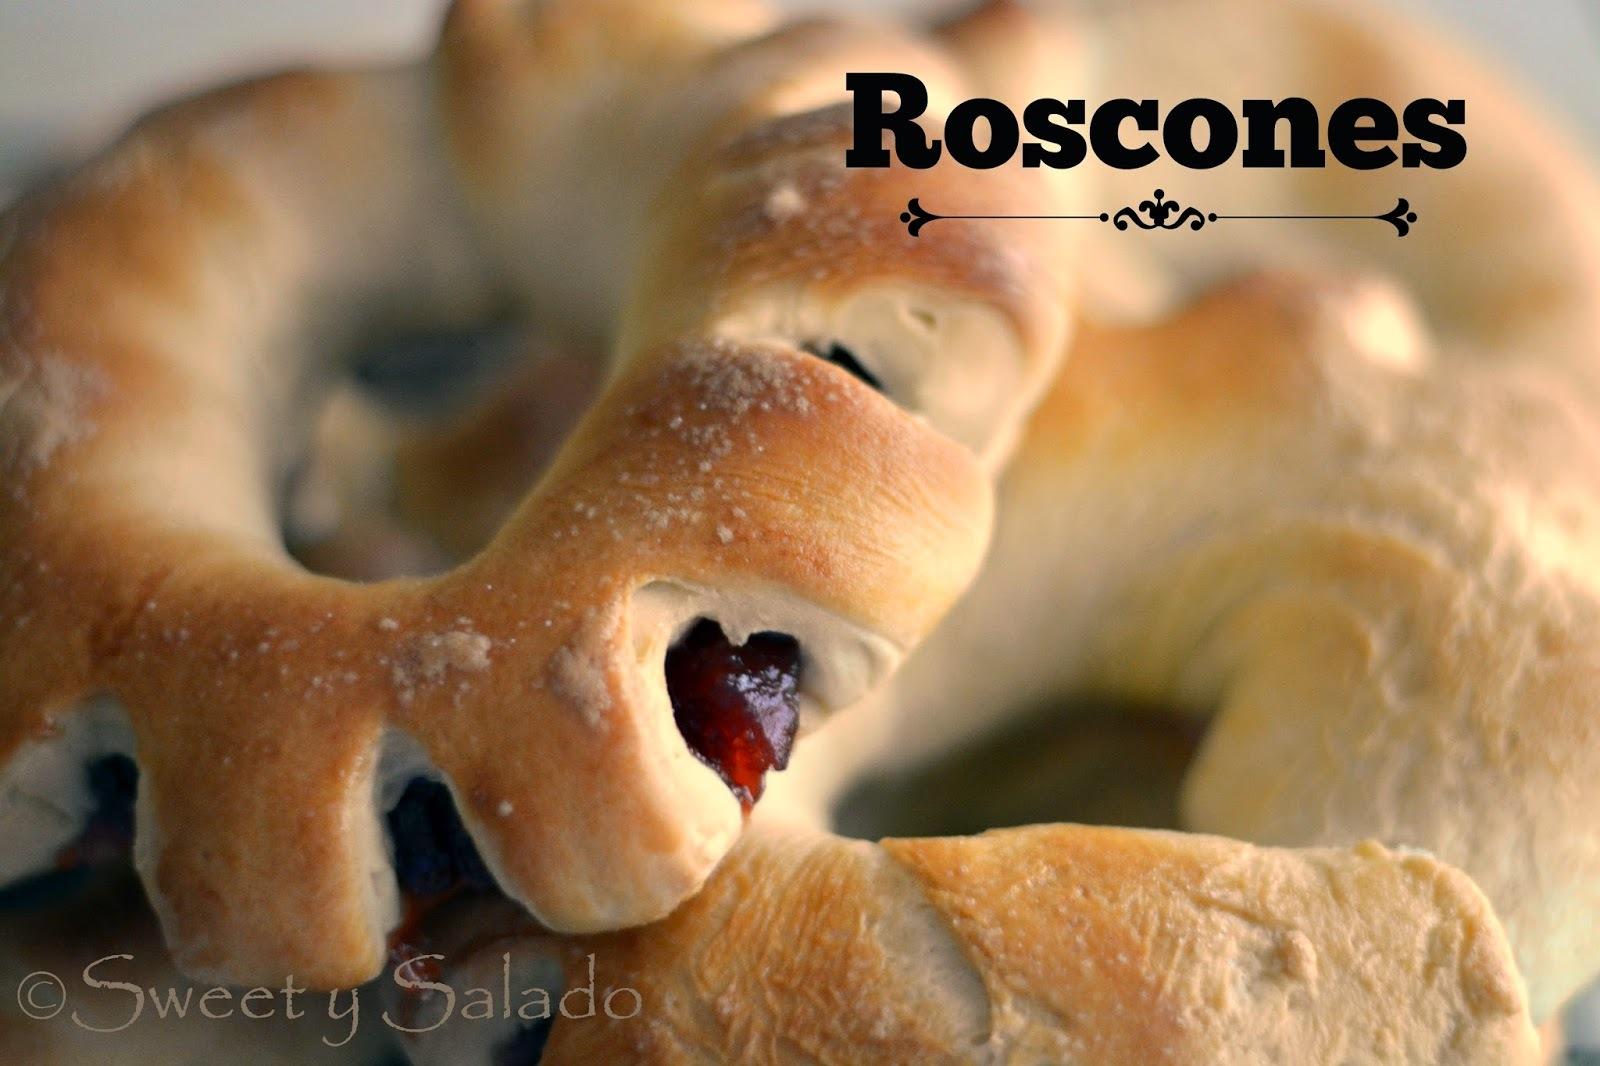 Roscones